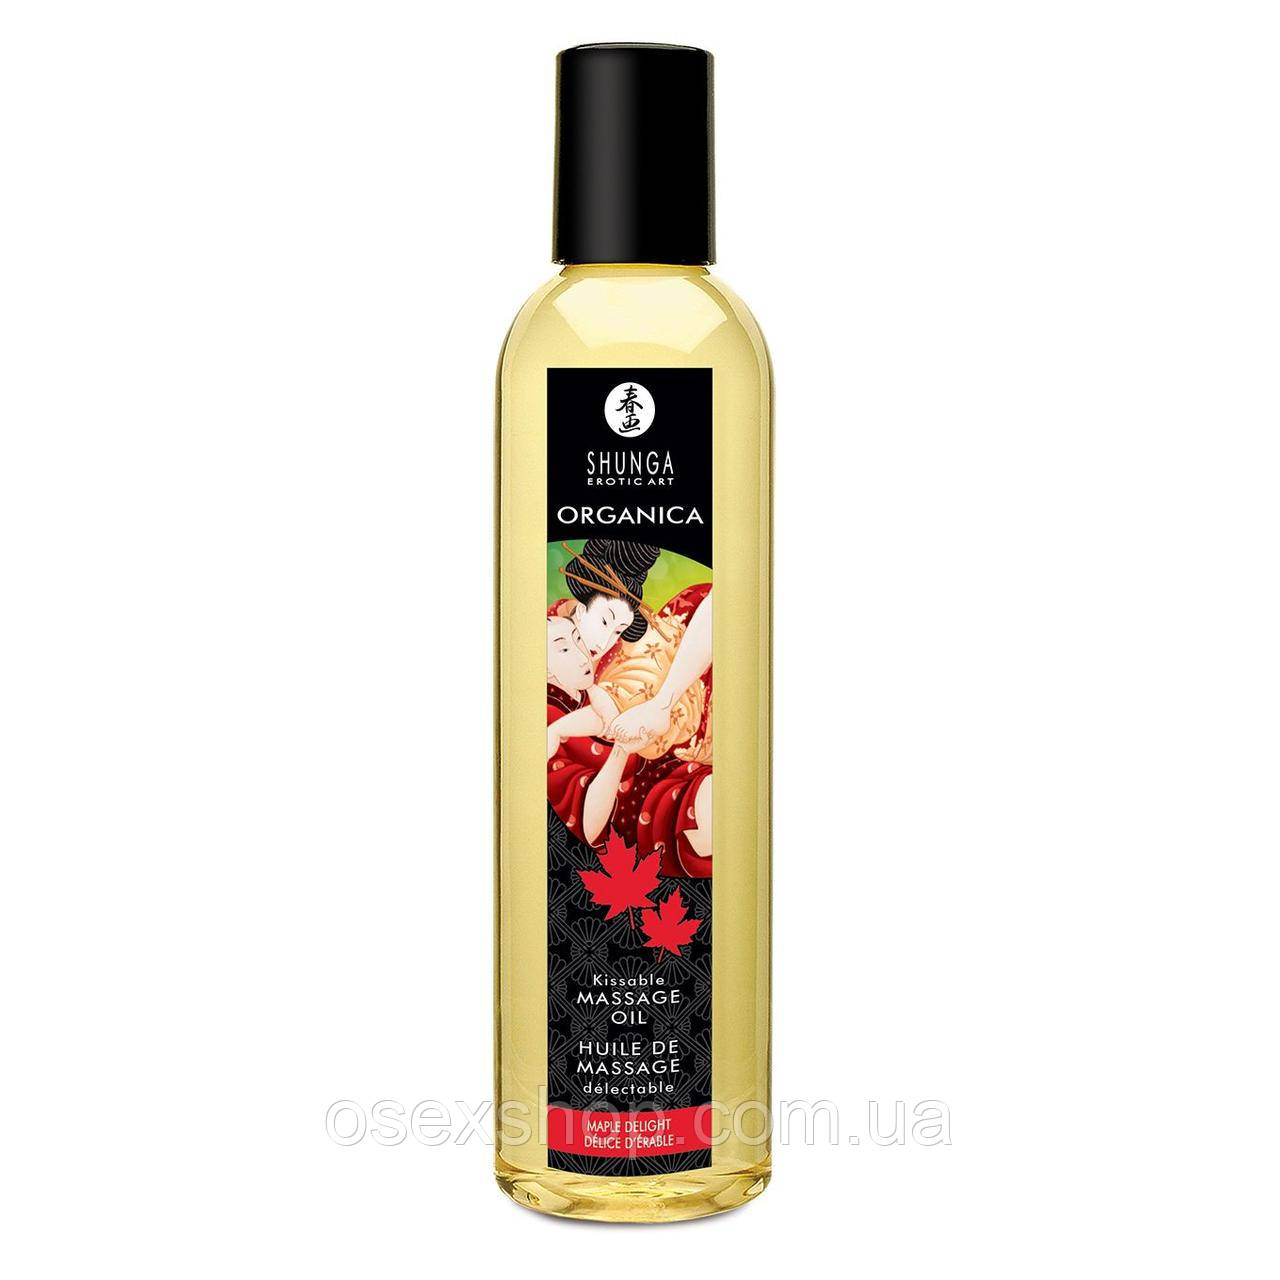 Органічне масажне масло Shunga ORGANICA - Maple Delight (250 мл) з вітаміном Е